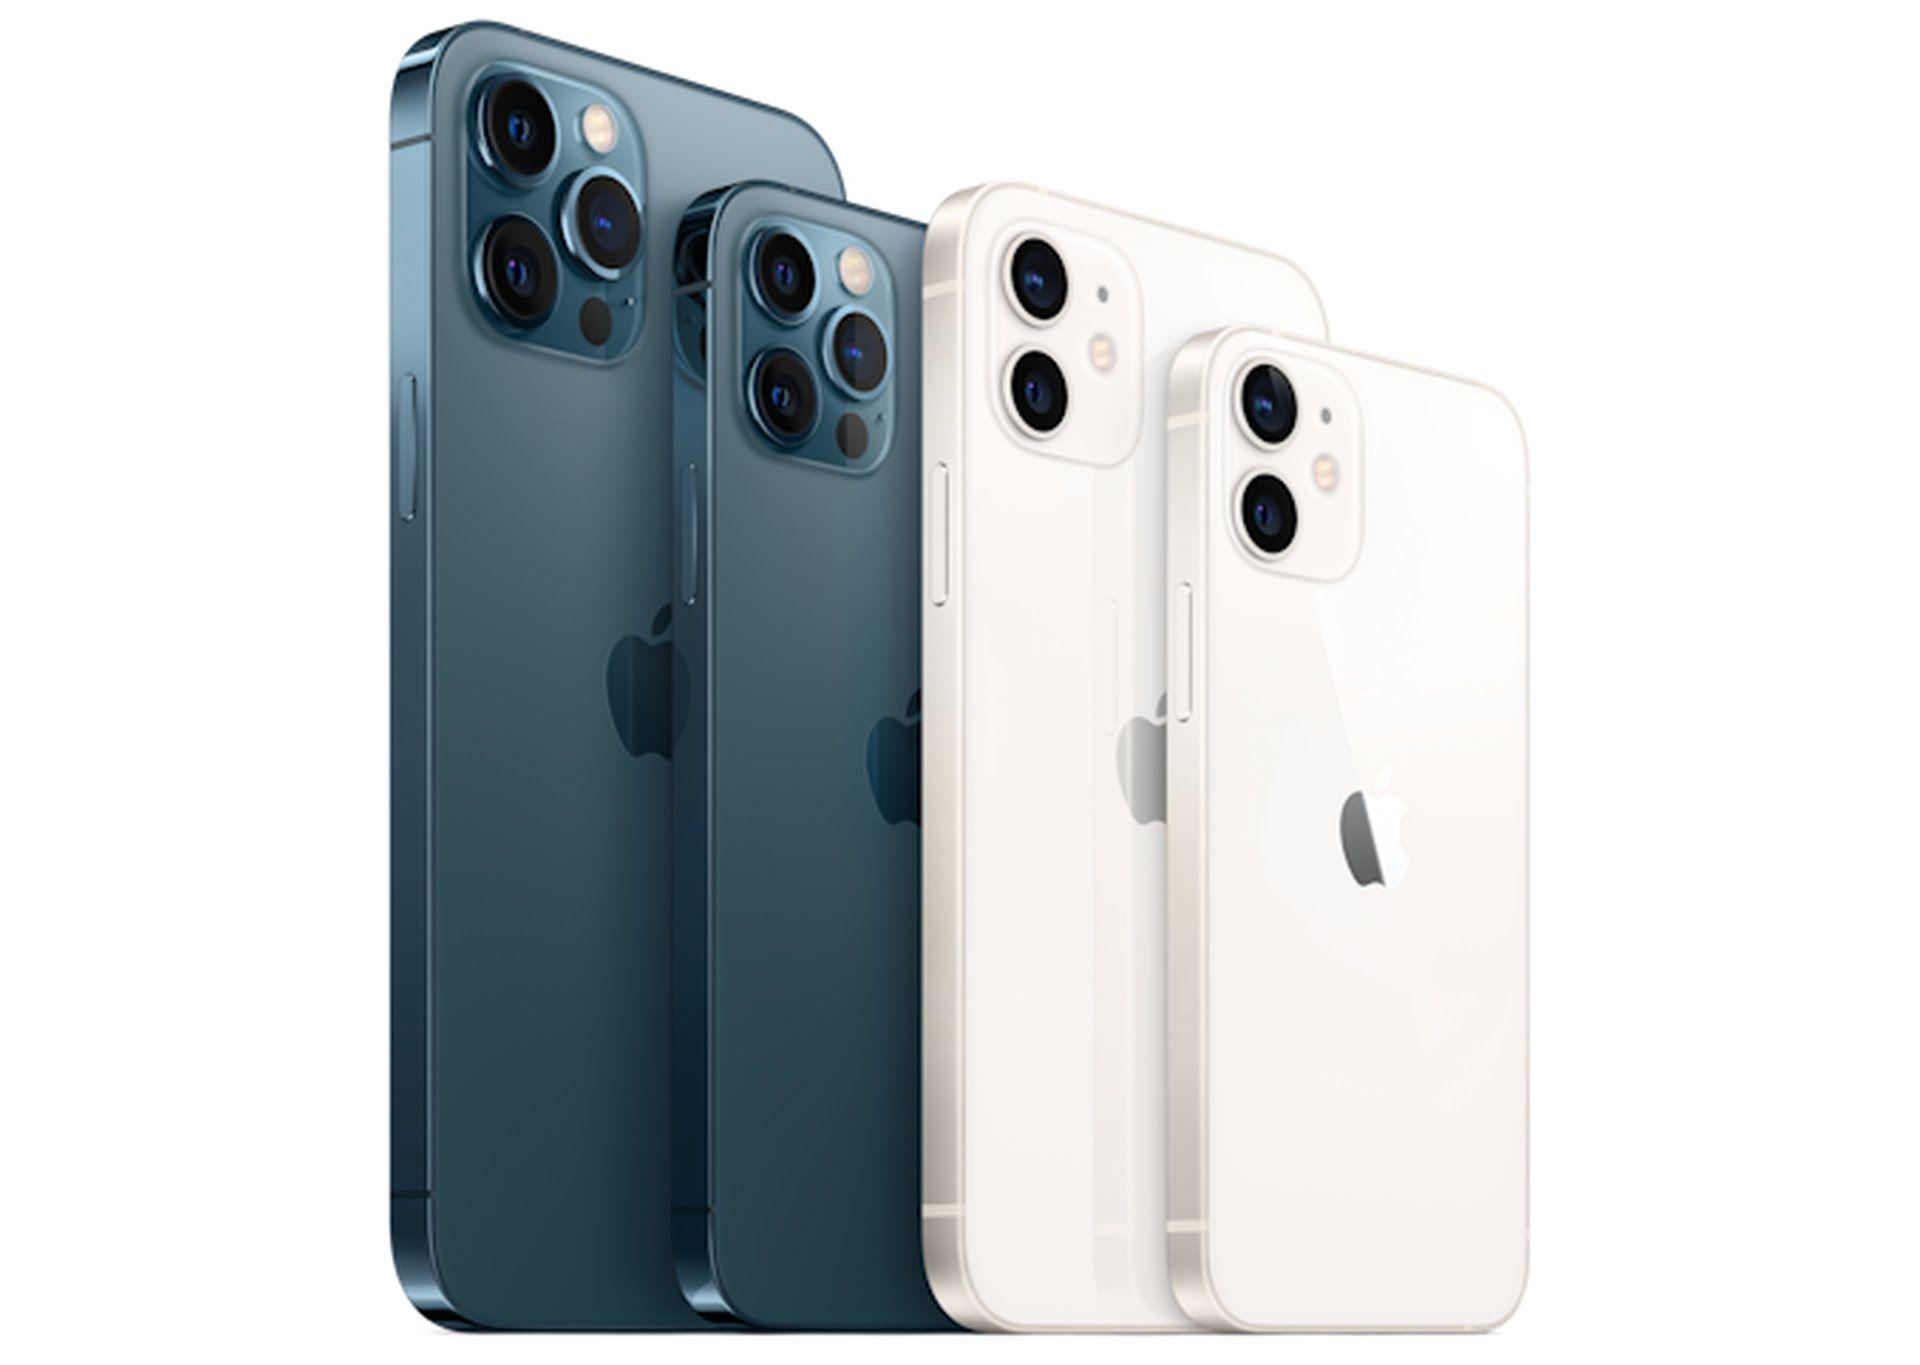 Promocja przez Apple zdjęć wykonanych iPhone'ami z serii 12